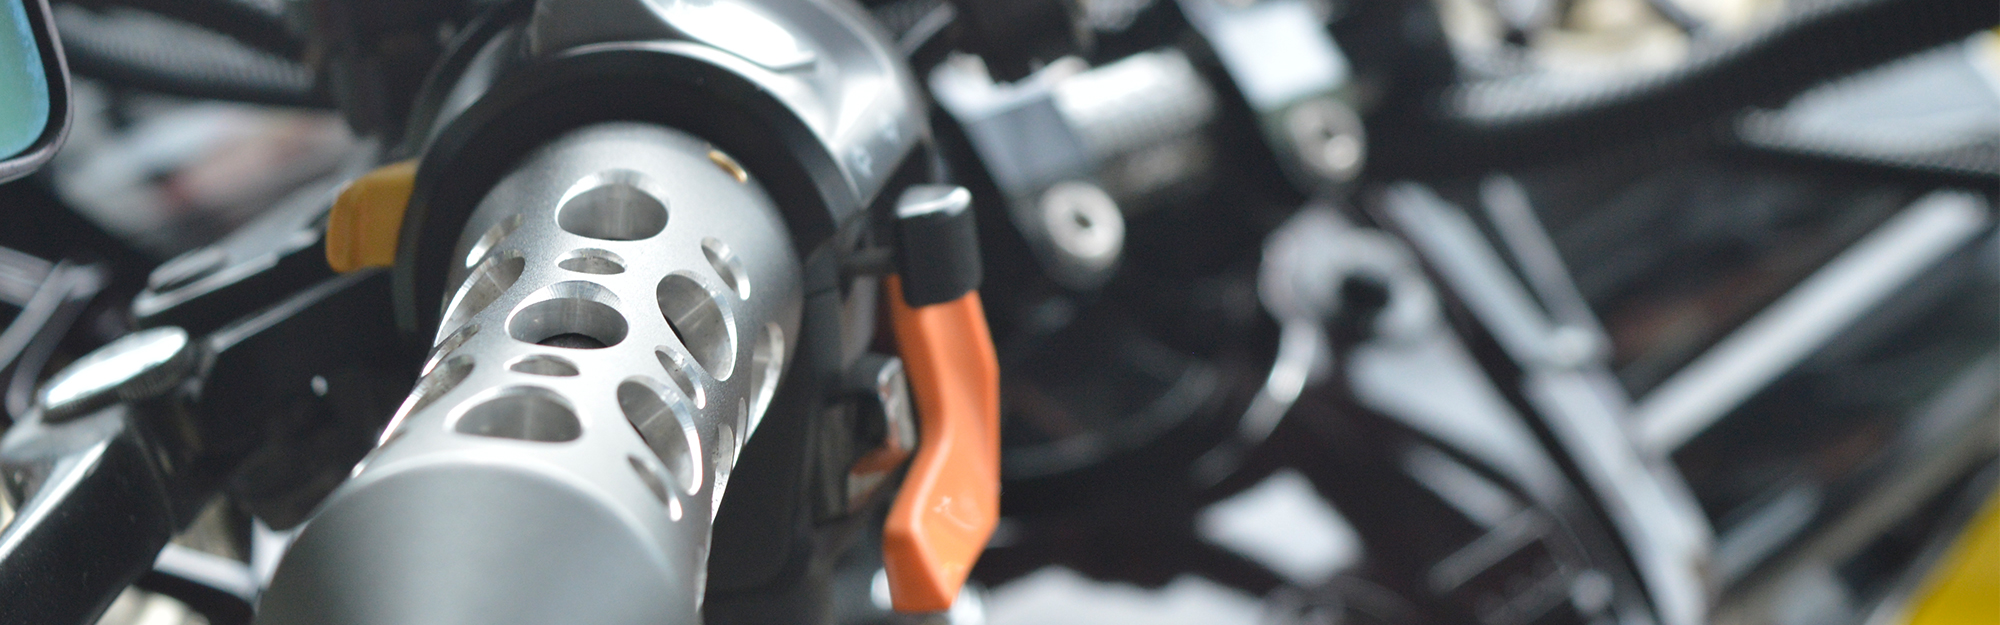 スクーター専門のバイクゼロワンはワンオフでオリジナルパーツを創ります。